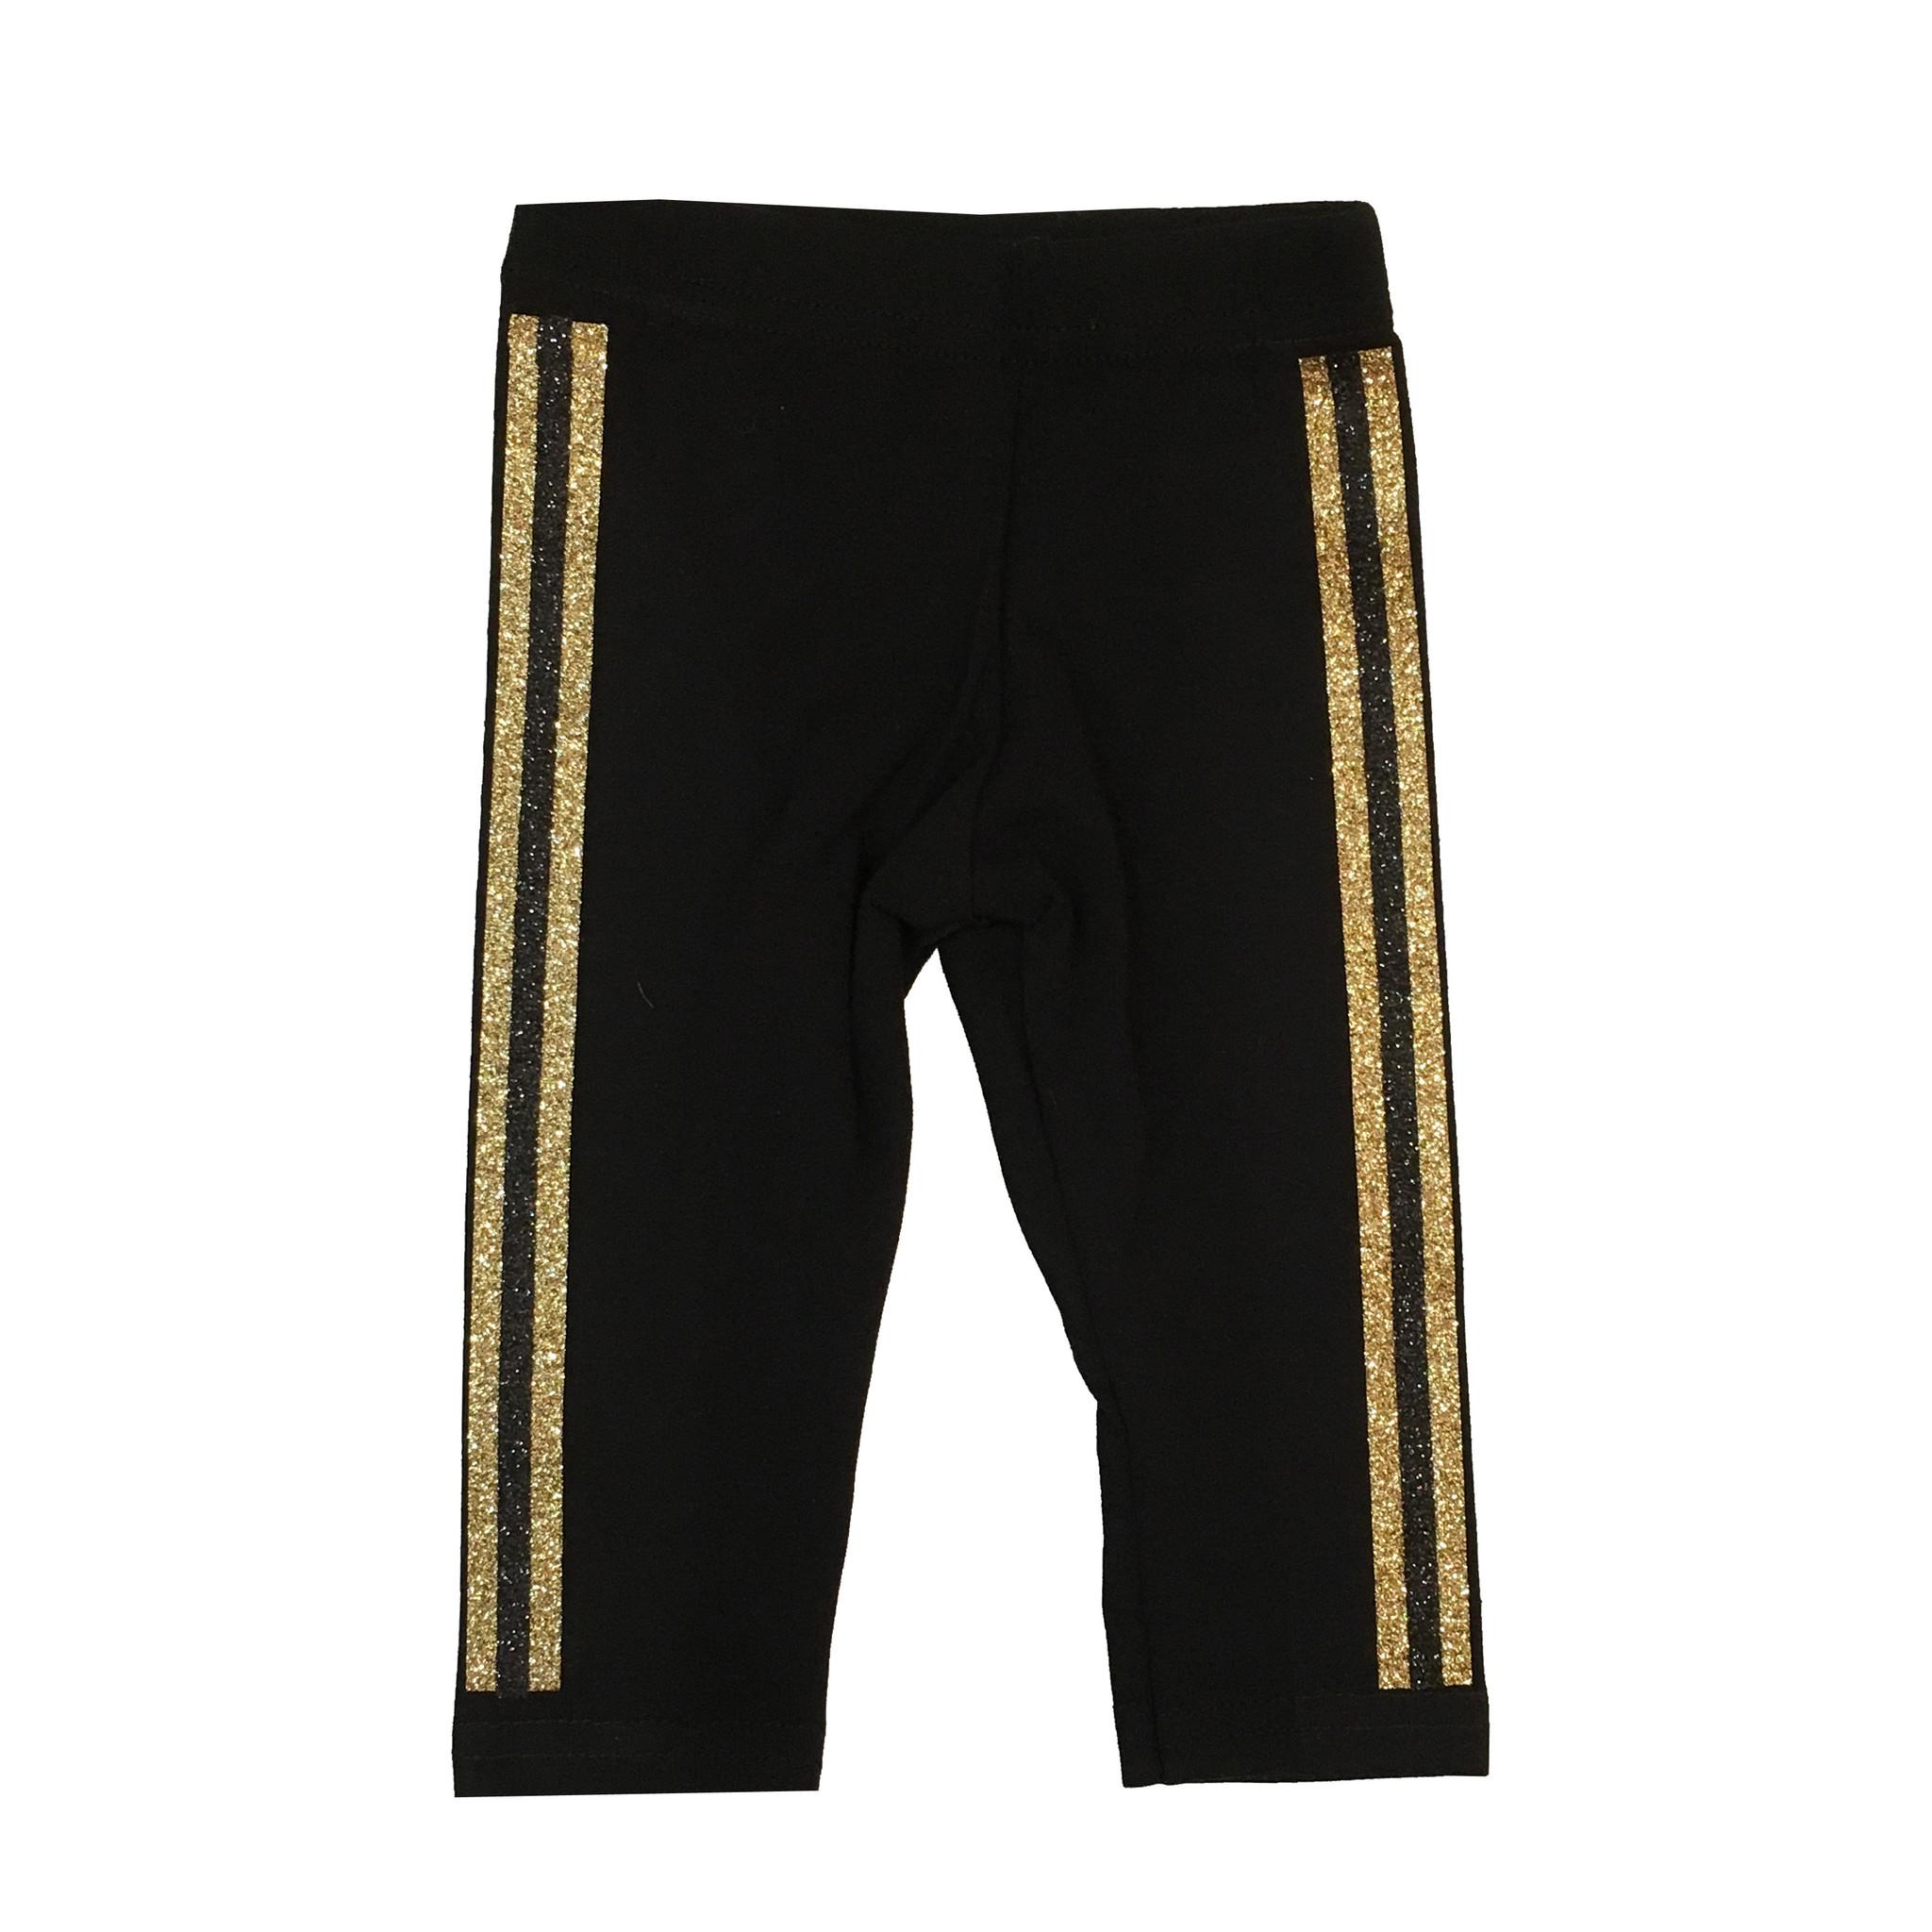 Small Change Gold Glitter Stripe Leggings